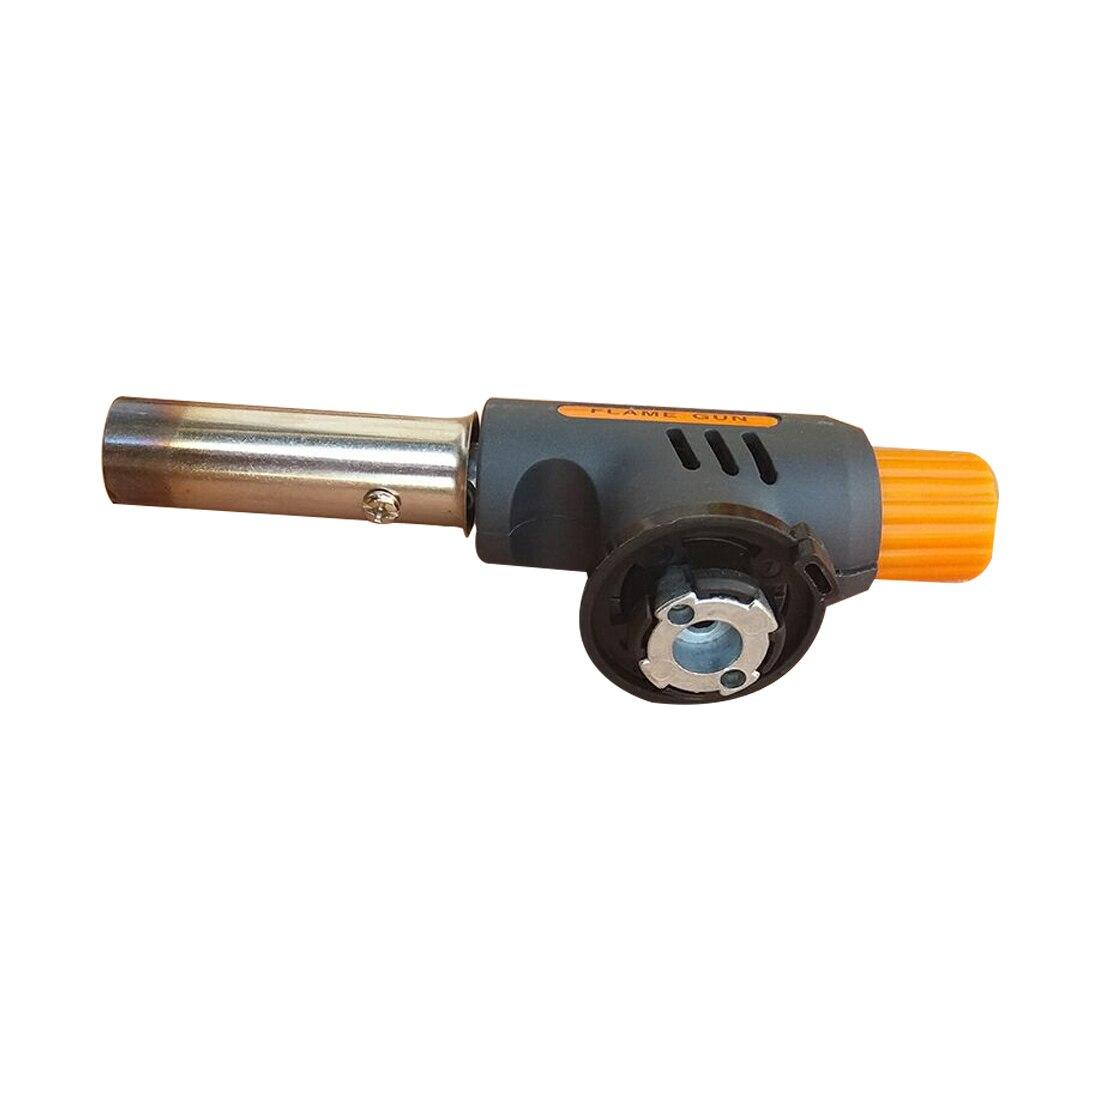 1 pcs Haute Qualité Gaz Butane Flamme Lance-flammes Allumage Automatique de Brûleur Camping Soudage BBQ Extérieur Voyage Flamme Gun